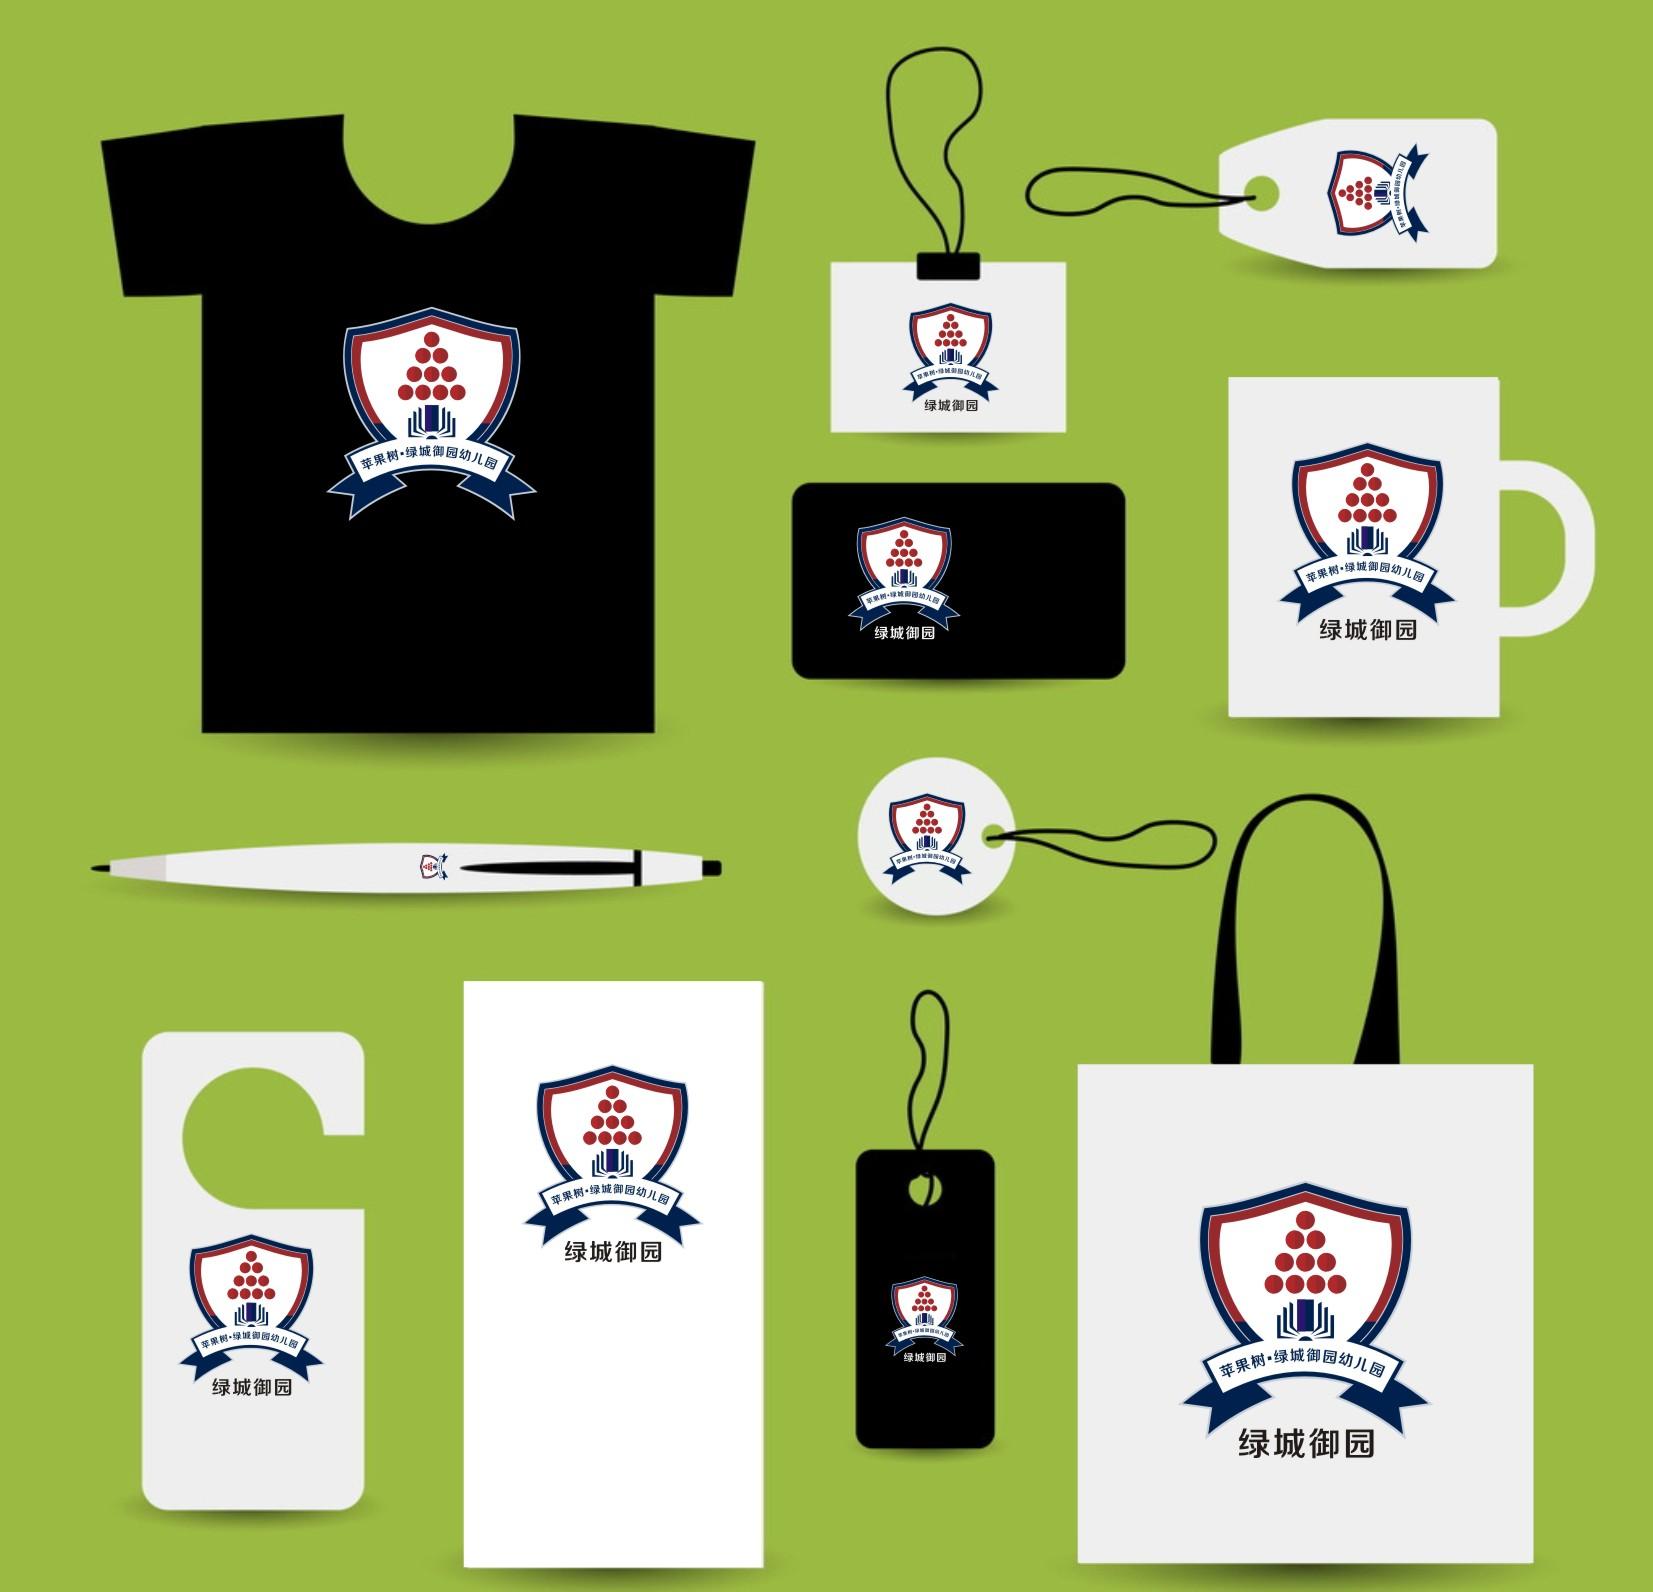 绿城御园国际幼儿园logo设计_一品威客网logo设计任务